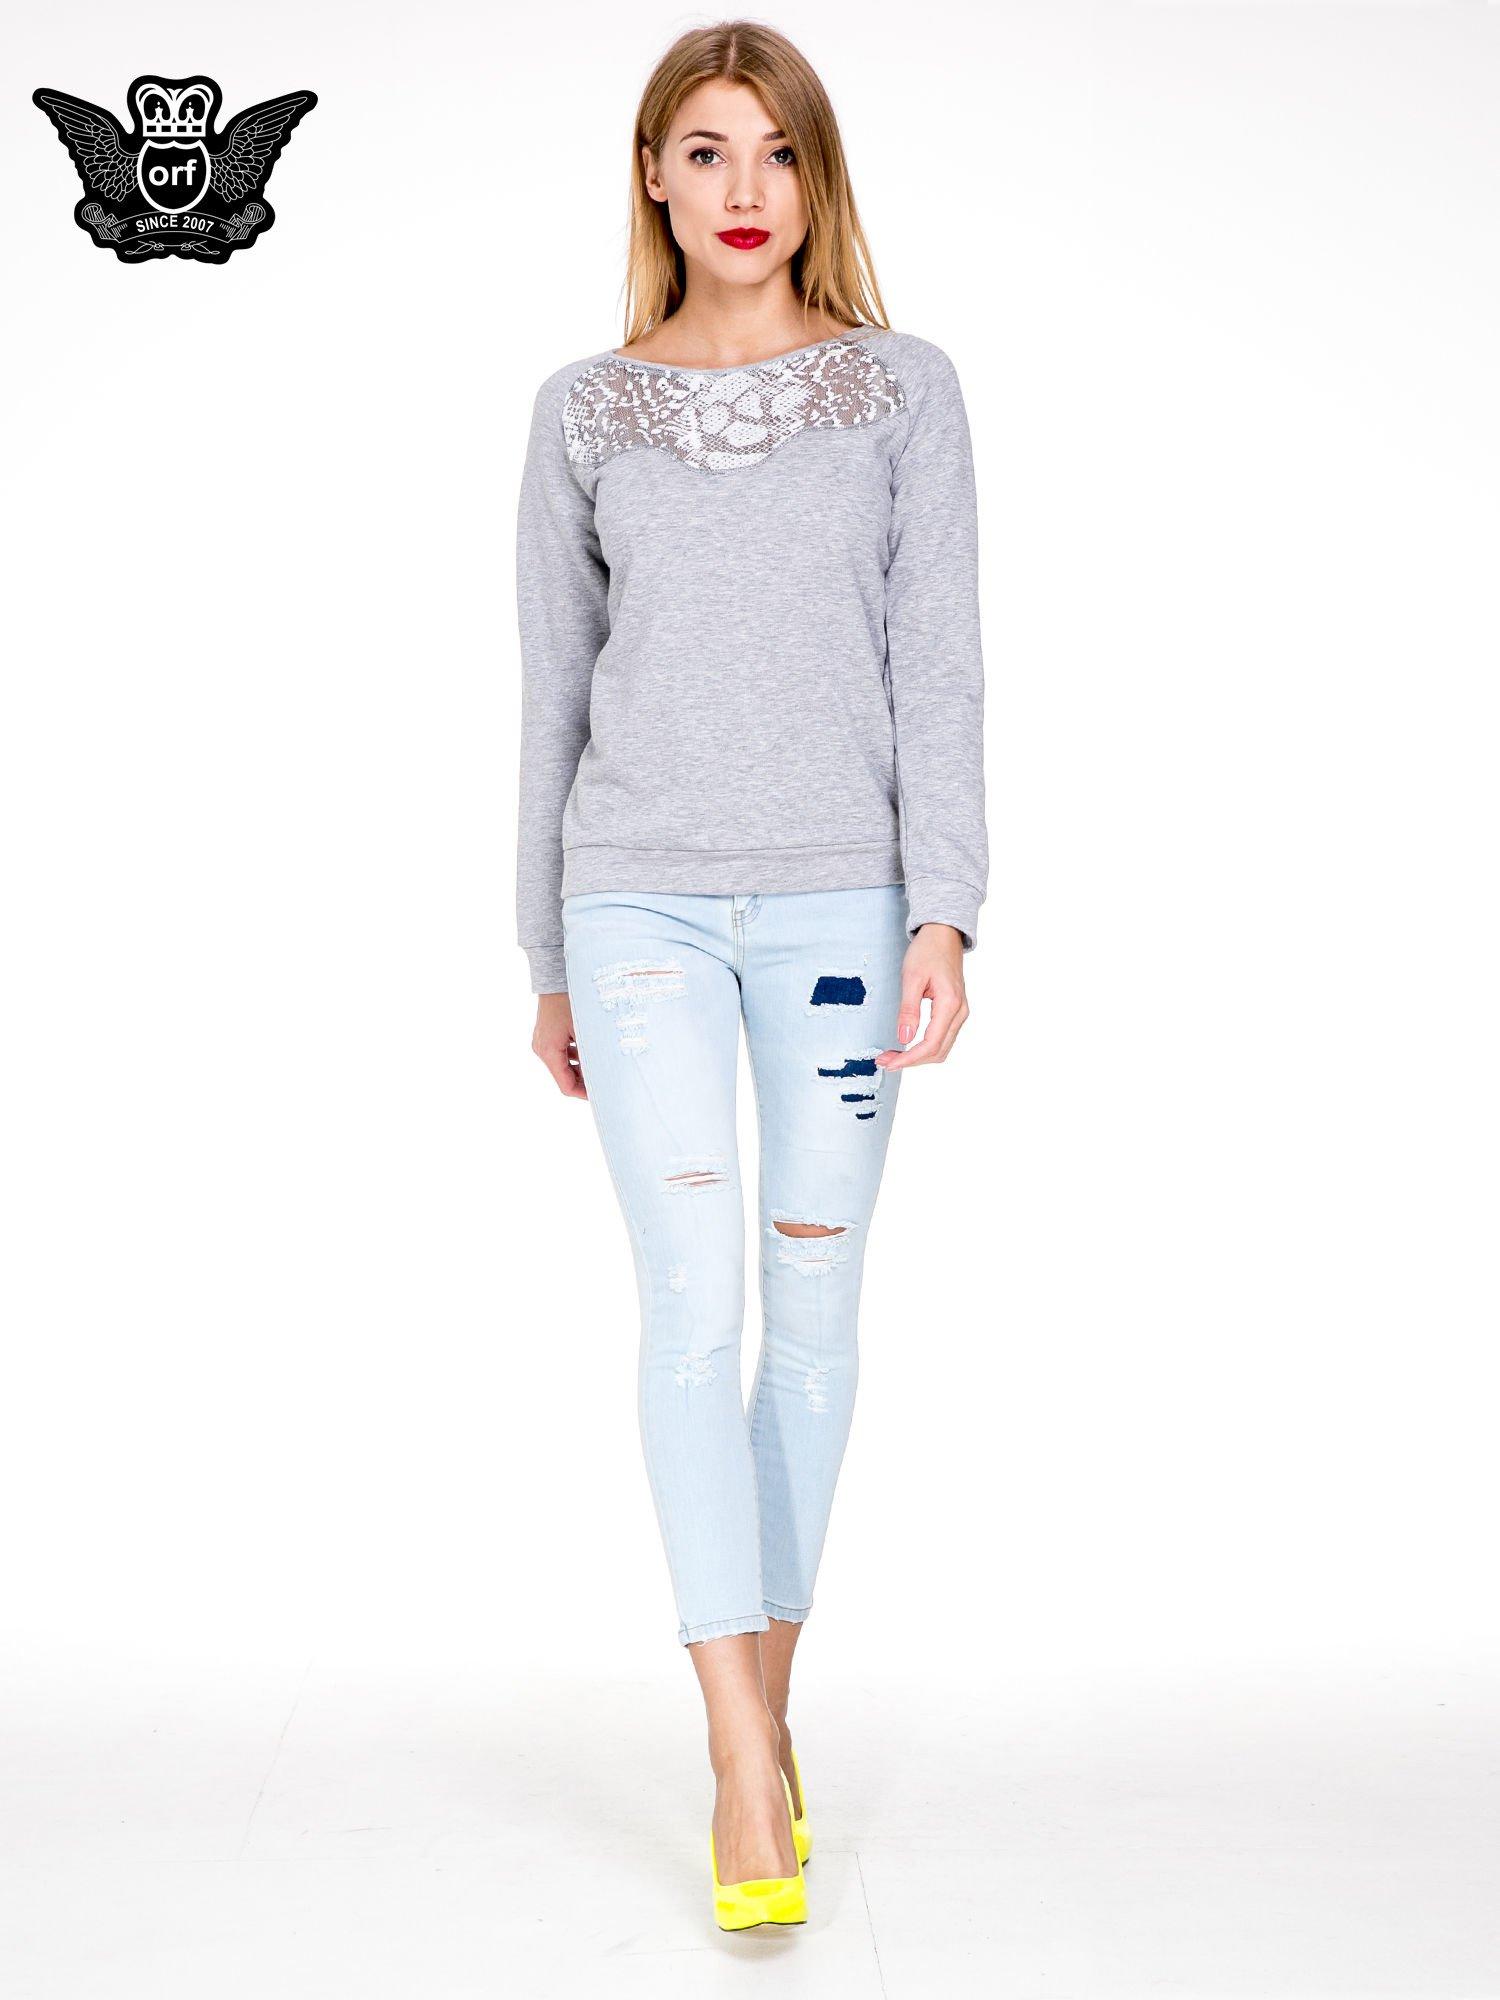 Jasnoniebieskie spodnie jeasnowe skinny jeans z łatami i dziurami                                  zdj.                                  2